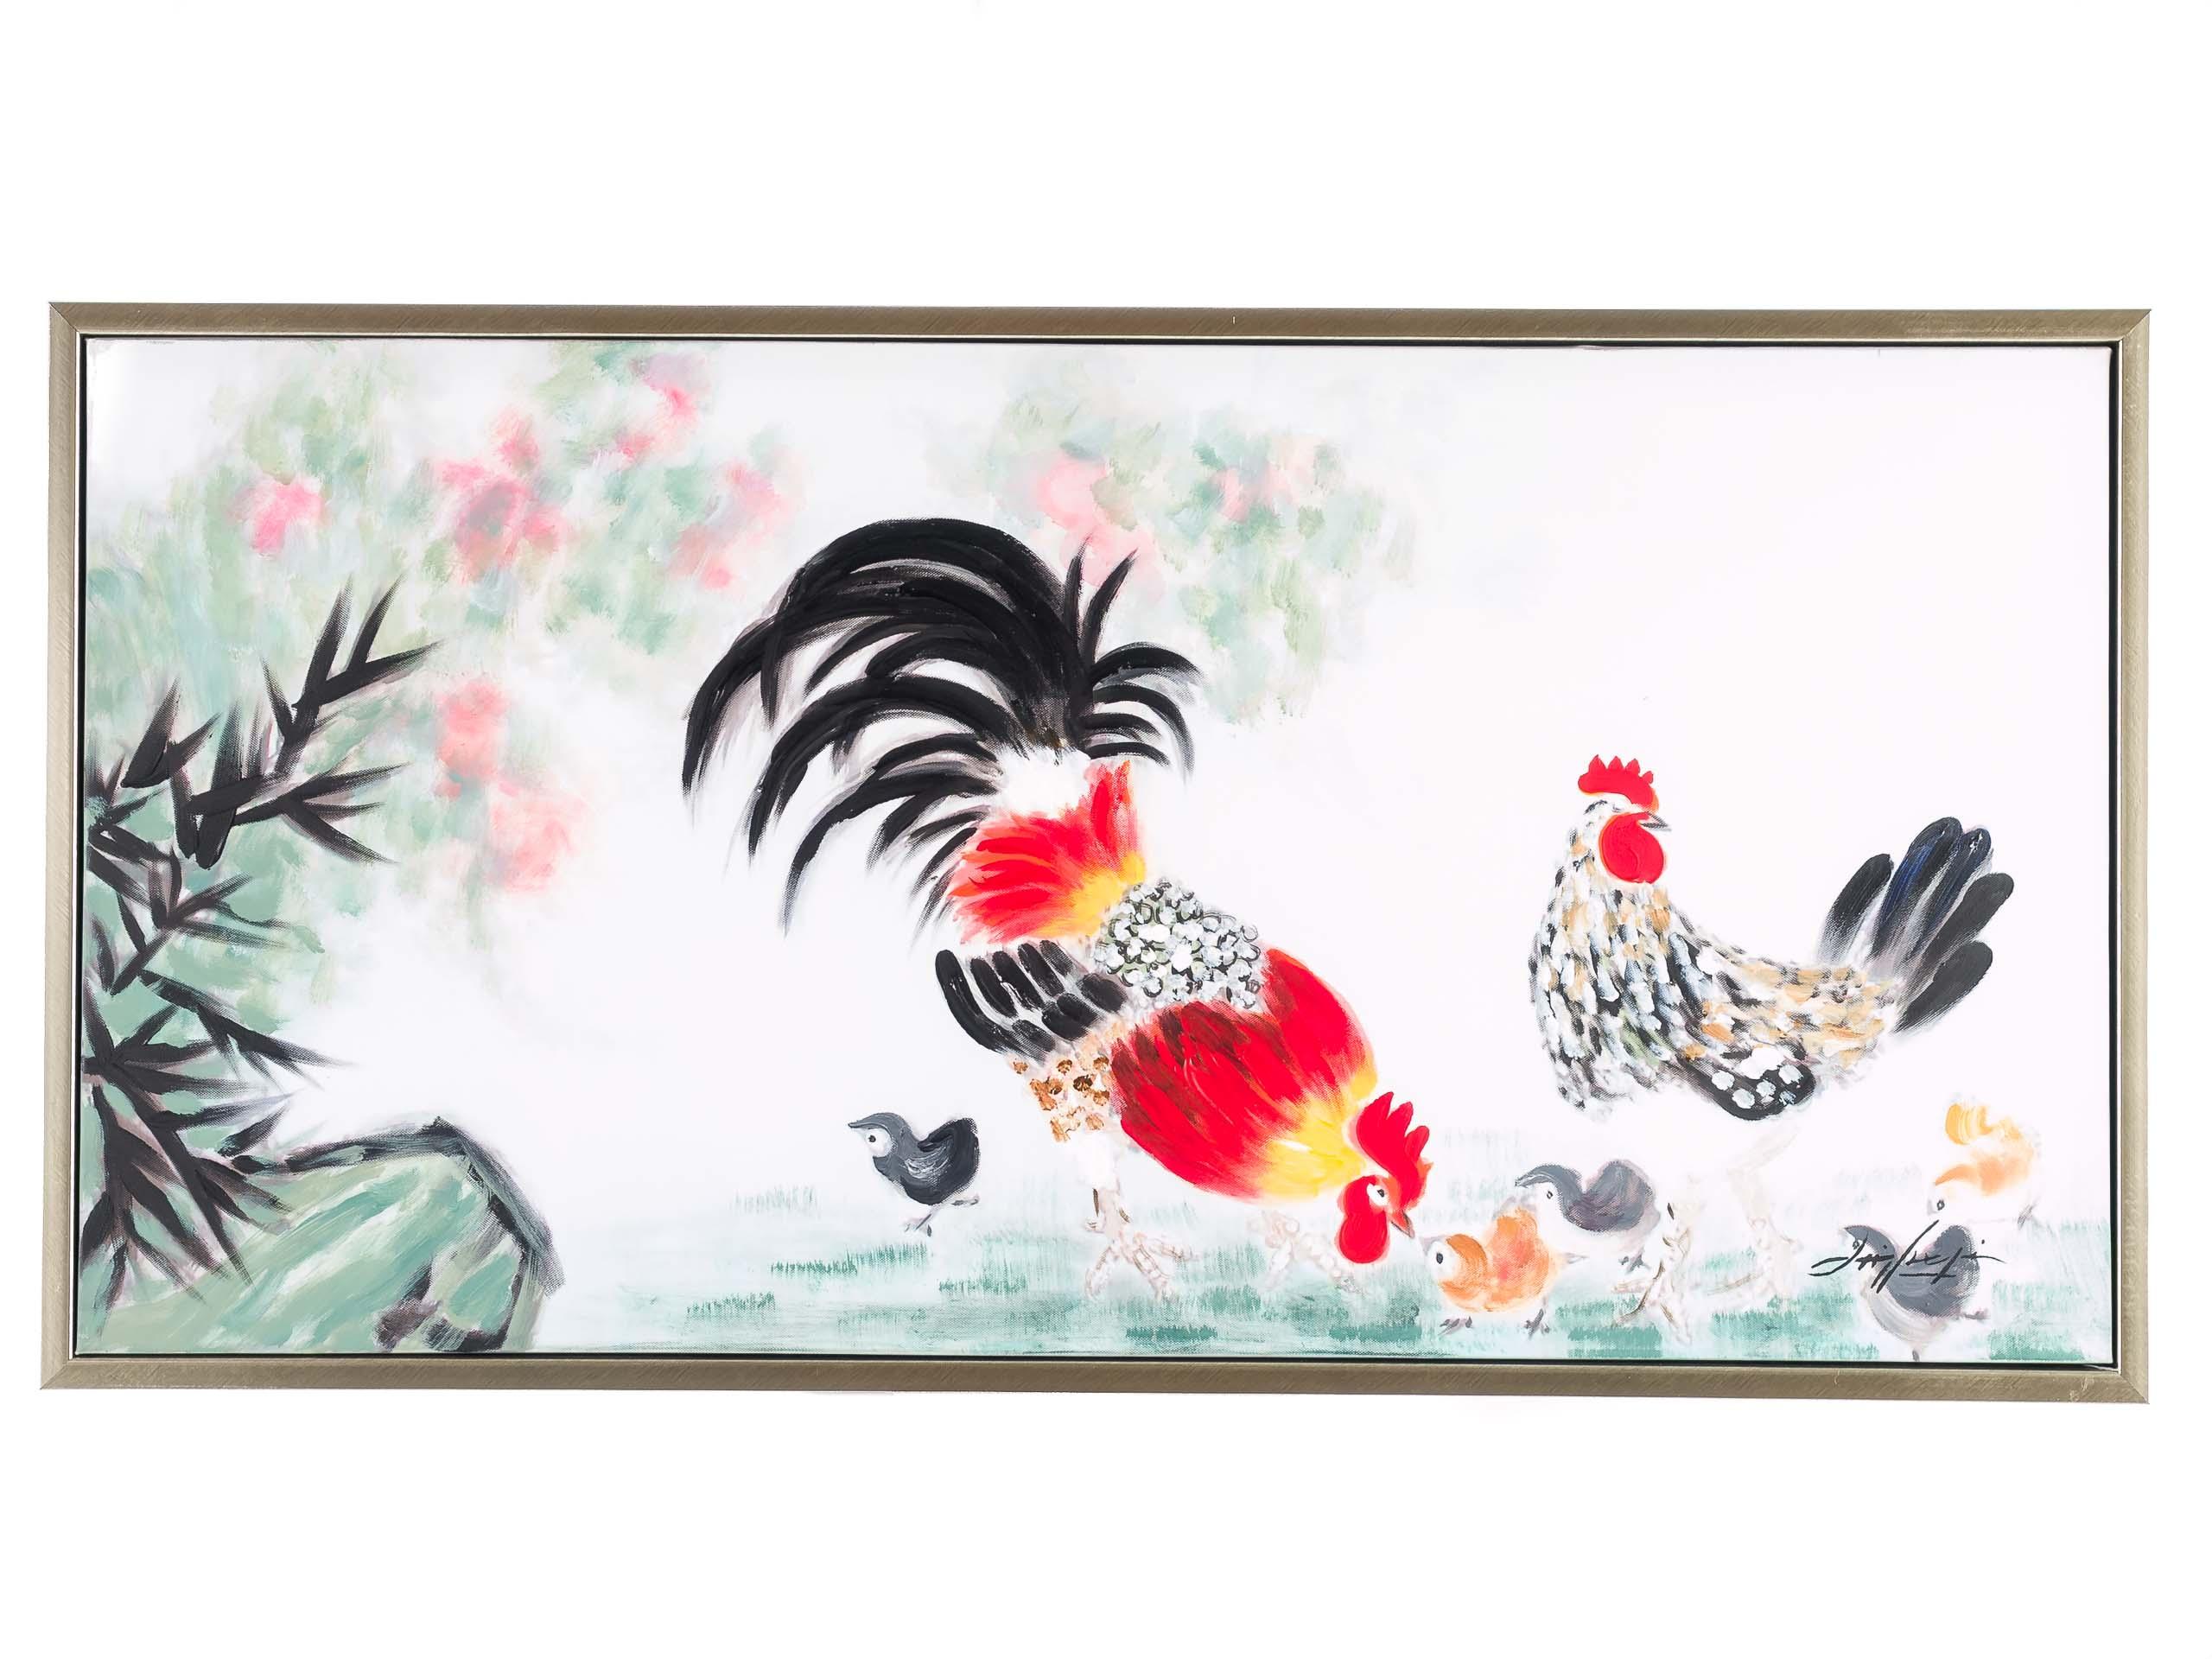 Original Gemälde Ölgemälde Hahn Huhn Küken mit Rahmen modern 104cm